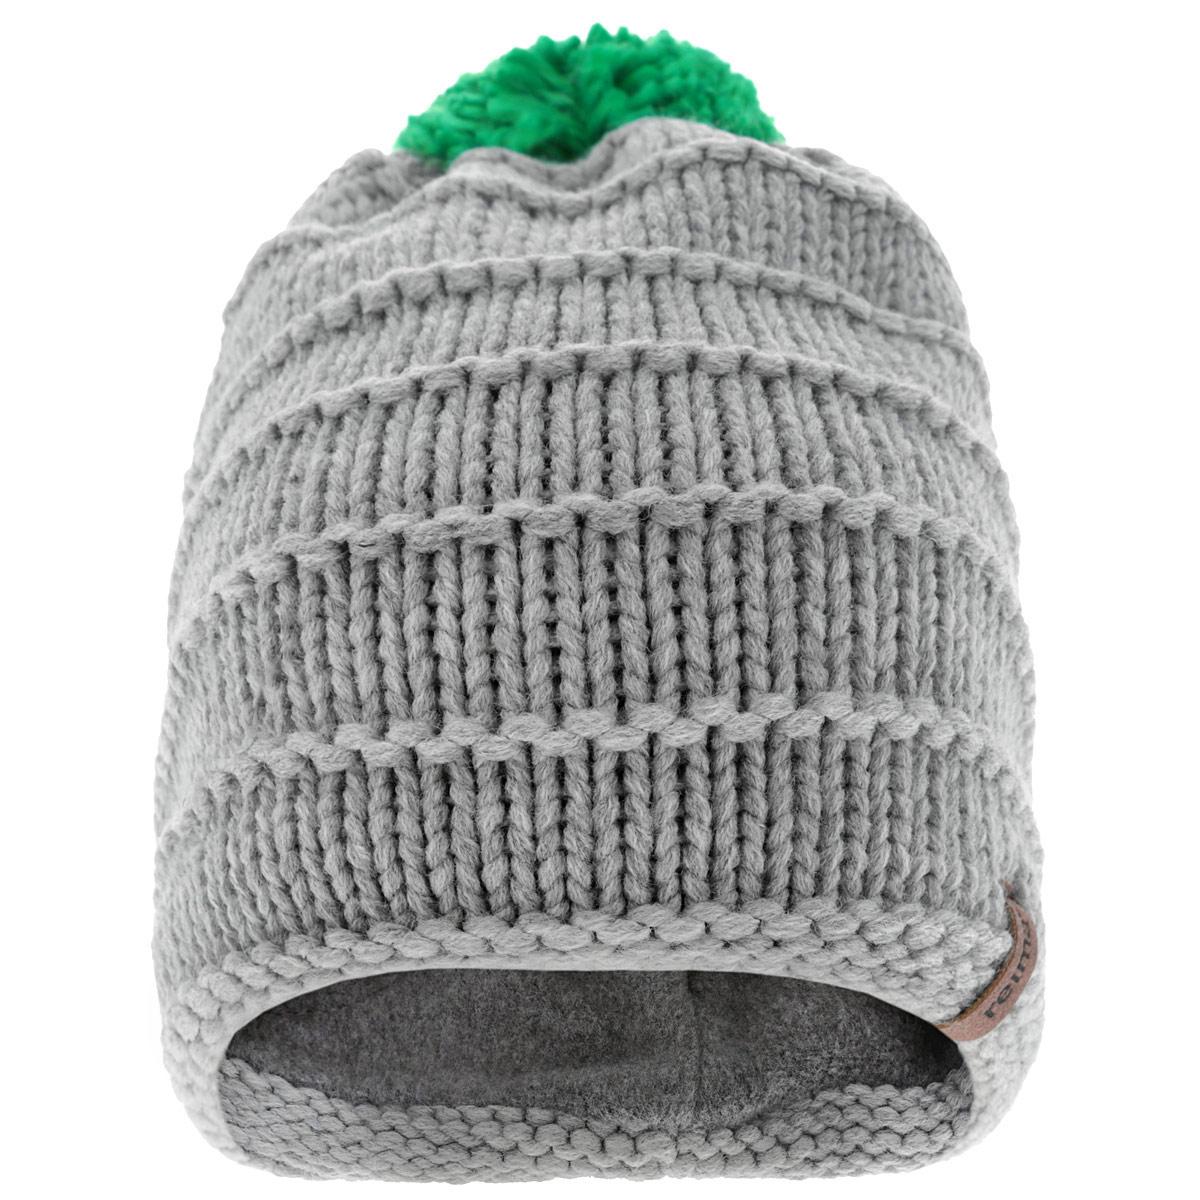 Шапка-бини детская Wild. 538010538010-4670Уютная теплая детская шапка Reima Wild идеально подойдет для прогулок в холодное время года. Шапочка мелкой вязки с ветрозащитными вставками в области ушей, выполненная из акриловой пряжи, максимально сохраняет тепло, она мягкая и идеально прилегает к голове. Шапочка хорошо тянется и устойчива к сминанию. Мягкая подкладка выполнена из флиса, поэтому шапка хорошо сохраняет тепло и не продувается. Шапка оформлена помпоном из мягкой пряжи контрастного цвета. Такая шапка станет модным и стильным дополнением гардероба вашего малыша. Она поднимет ему настроение даже в самые морозные дни! Уважаемые клиенты! Размер, доступный для заказа, является обхватом головы.